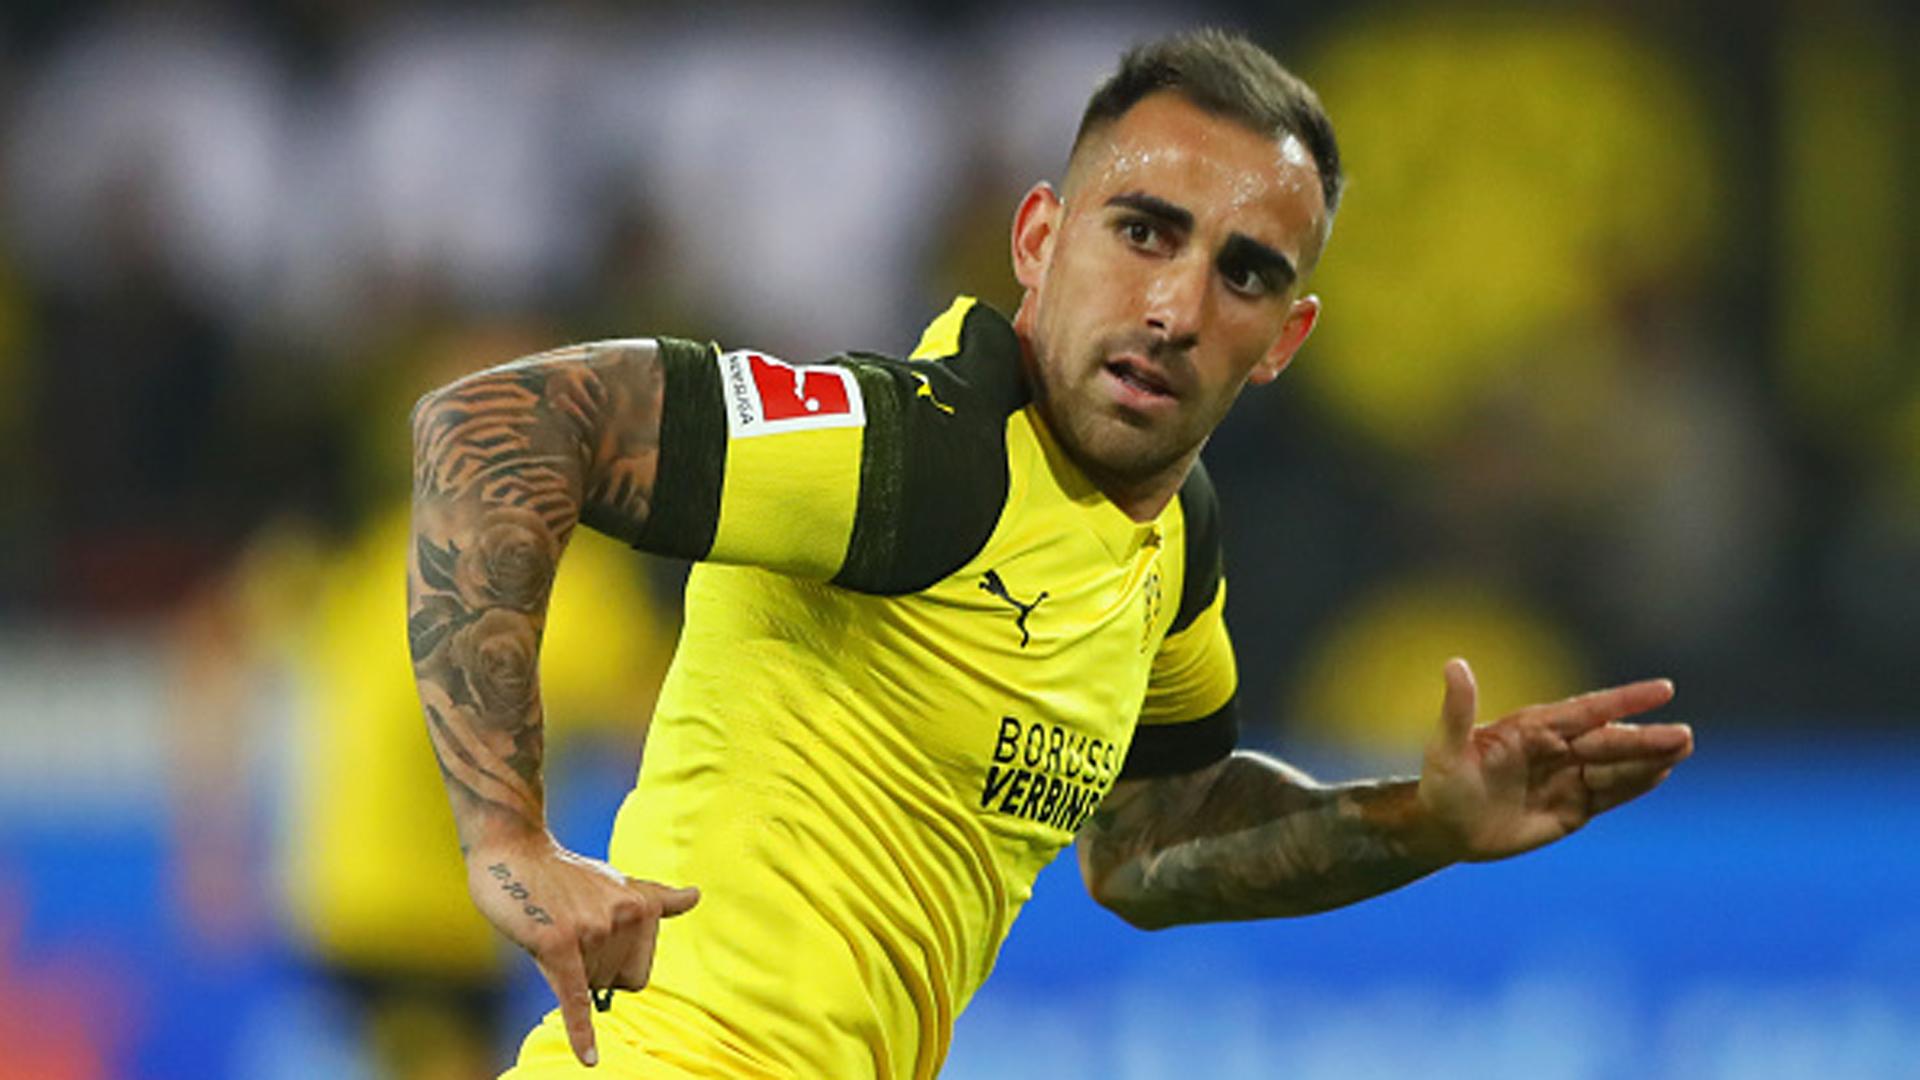 Barcelona Transfer News Borussia Dortmund Will Sign E Million Paco Alcacer Goal Com